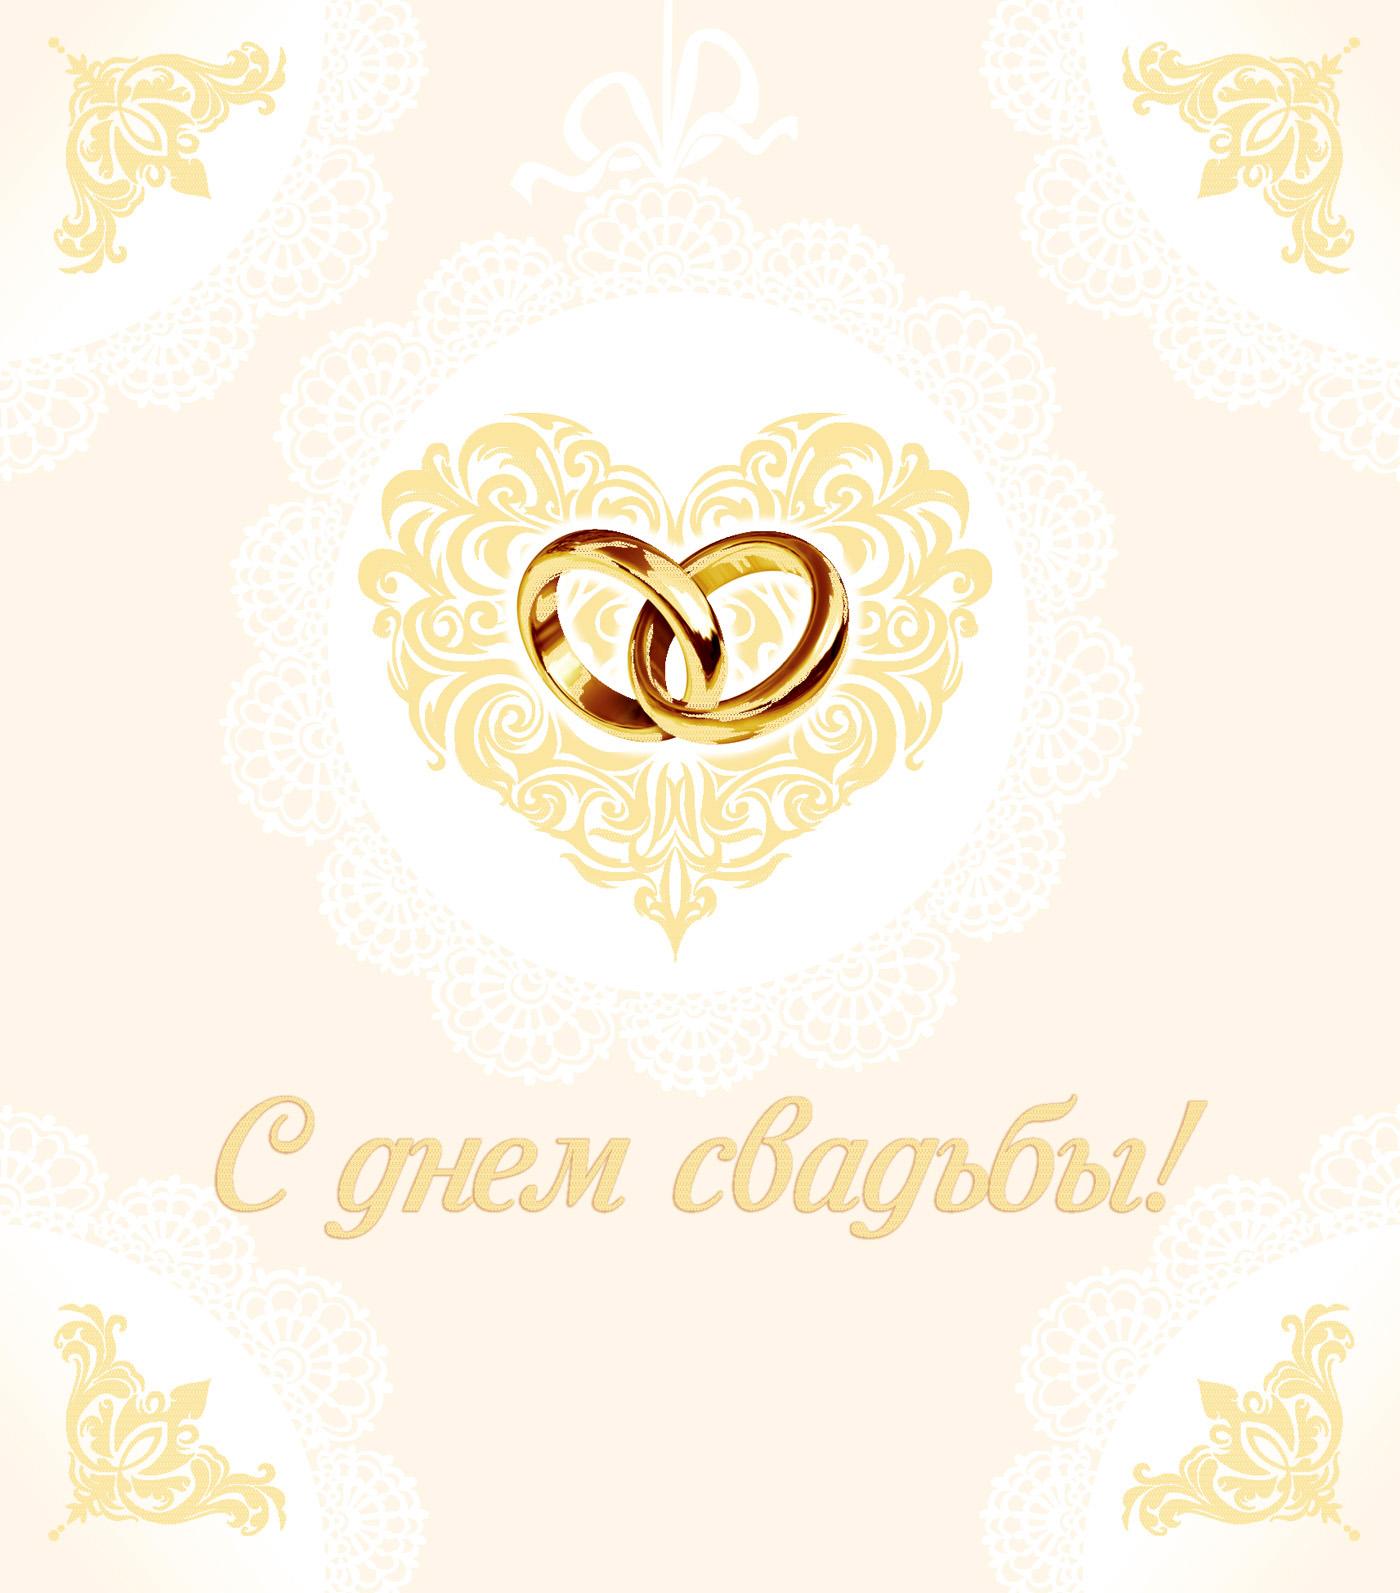 цена на Отсутствует С днем свадьбы!